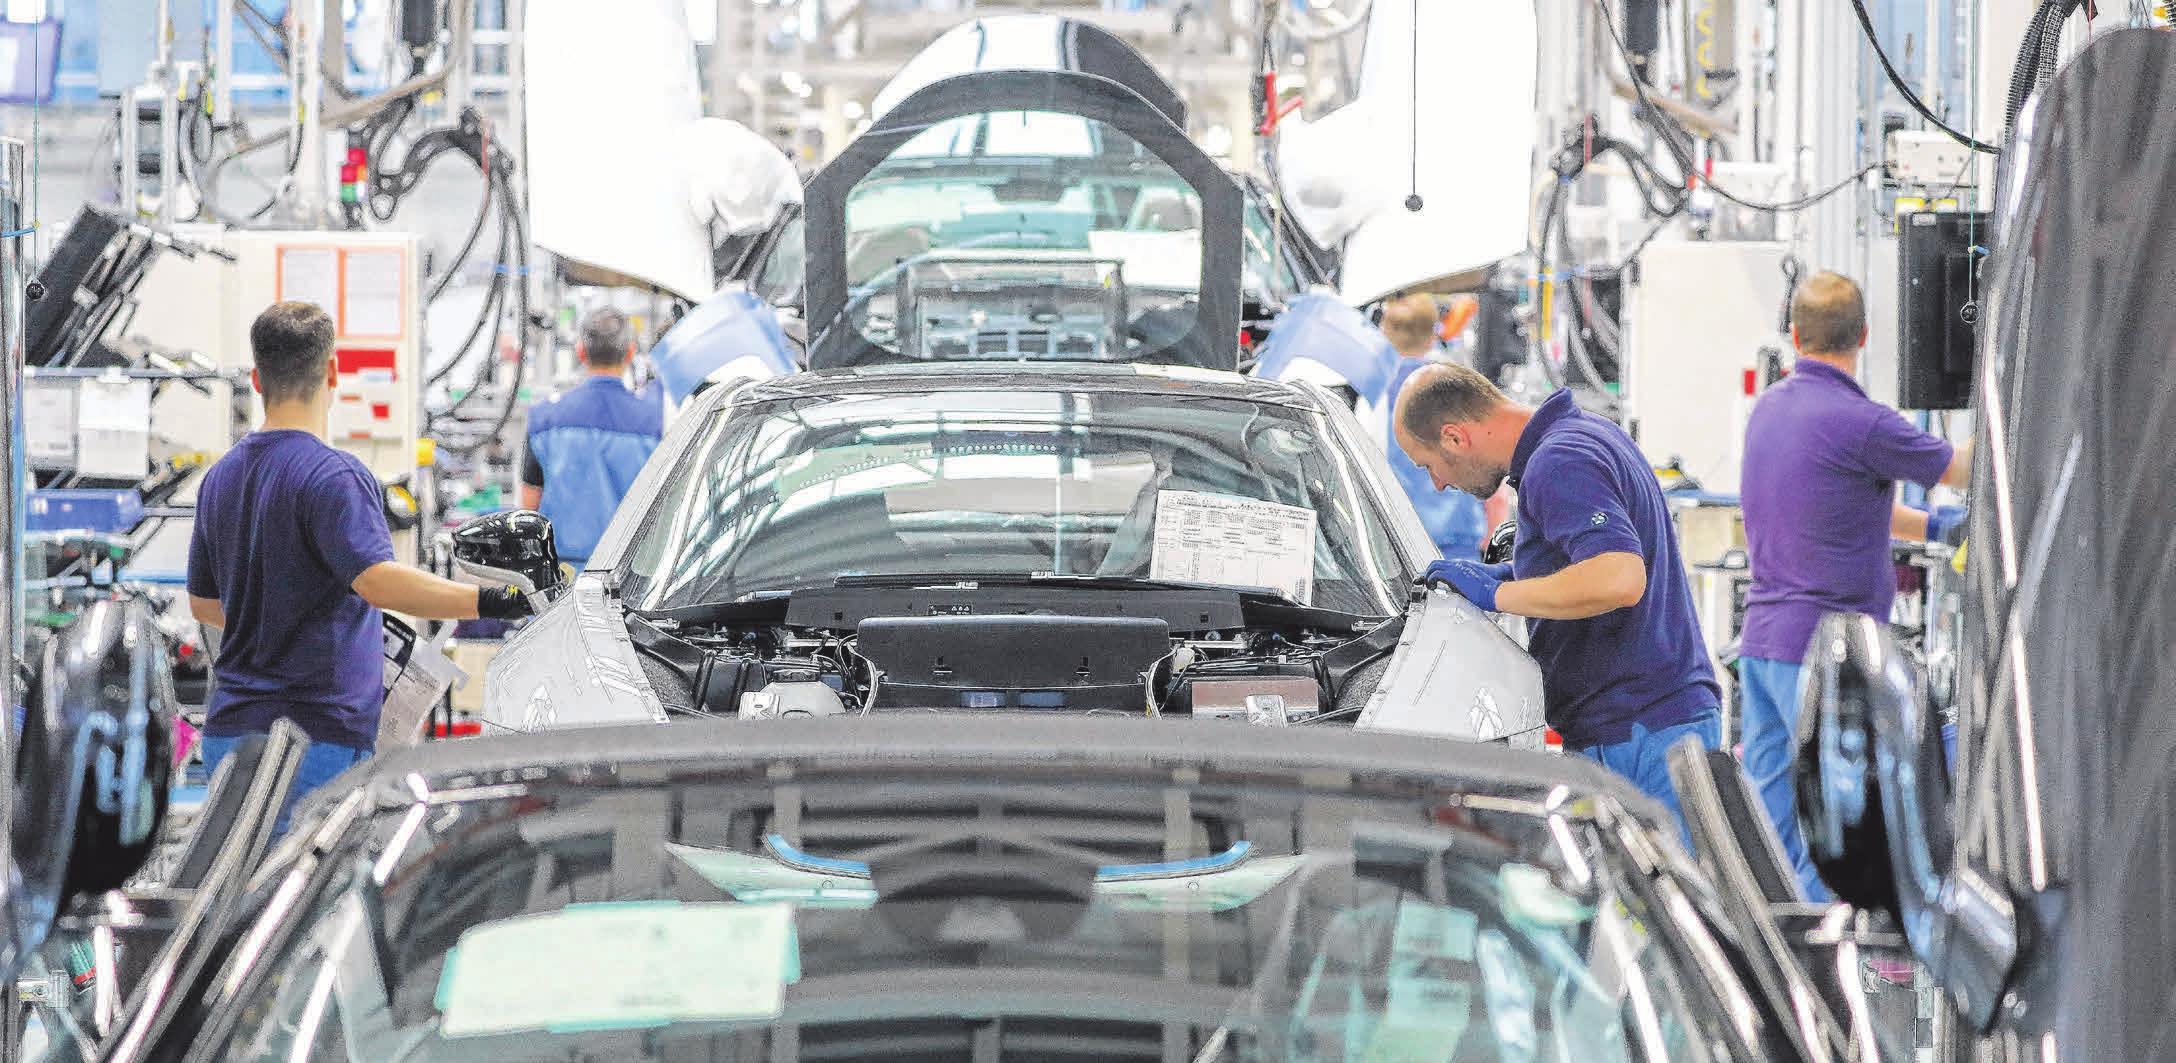 Die deutschen Hersteller investieren viel in die E-Mobilität, hier beispielsweise bei der Produktion des BMW i8. Foto: Jan Woitas